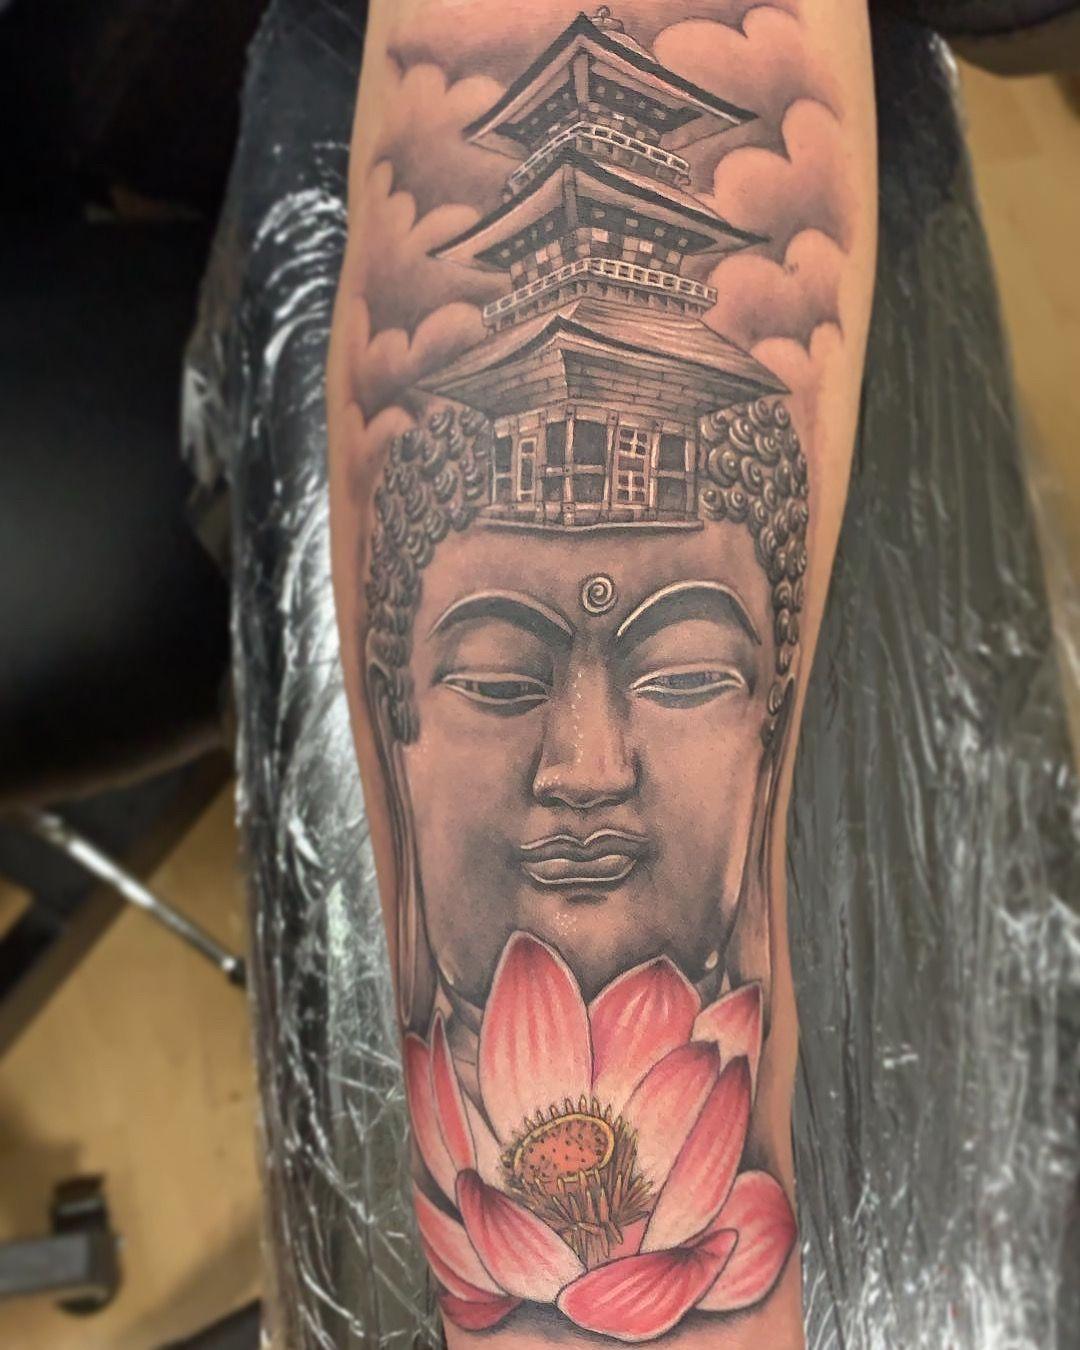 Lotus Buddha In 2020 Tattoos Geometric Mandala Tattoo Gas Mask Tattoo